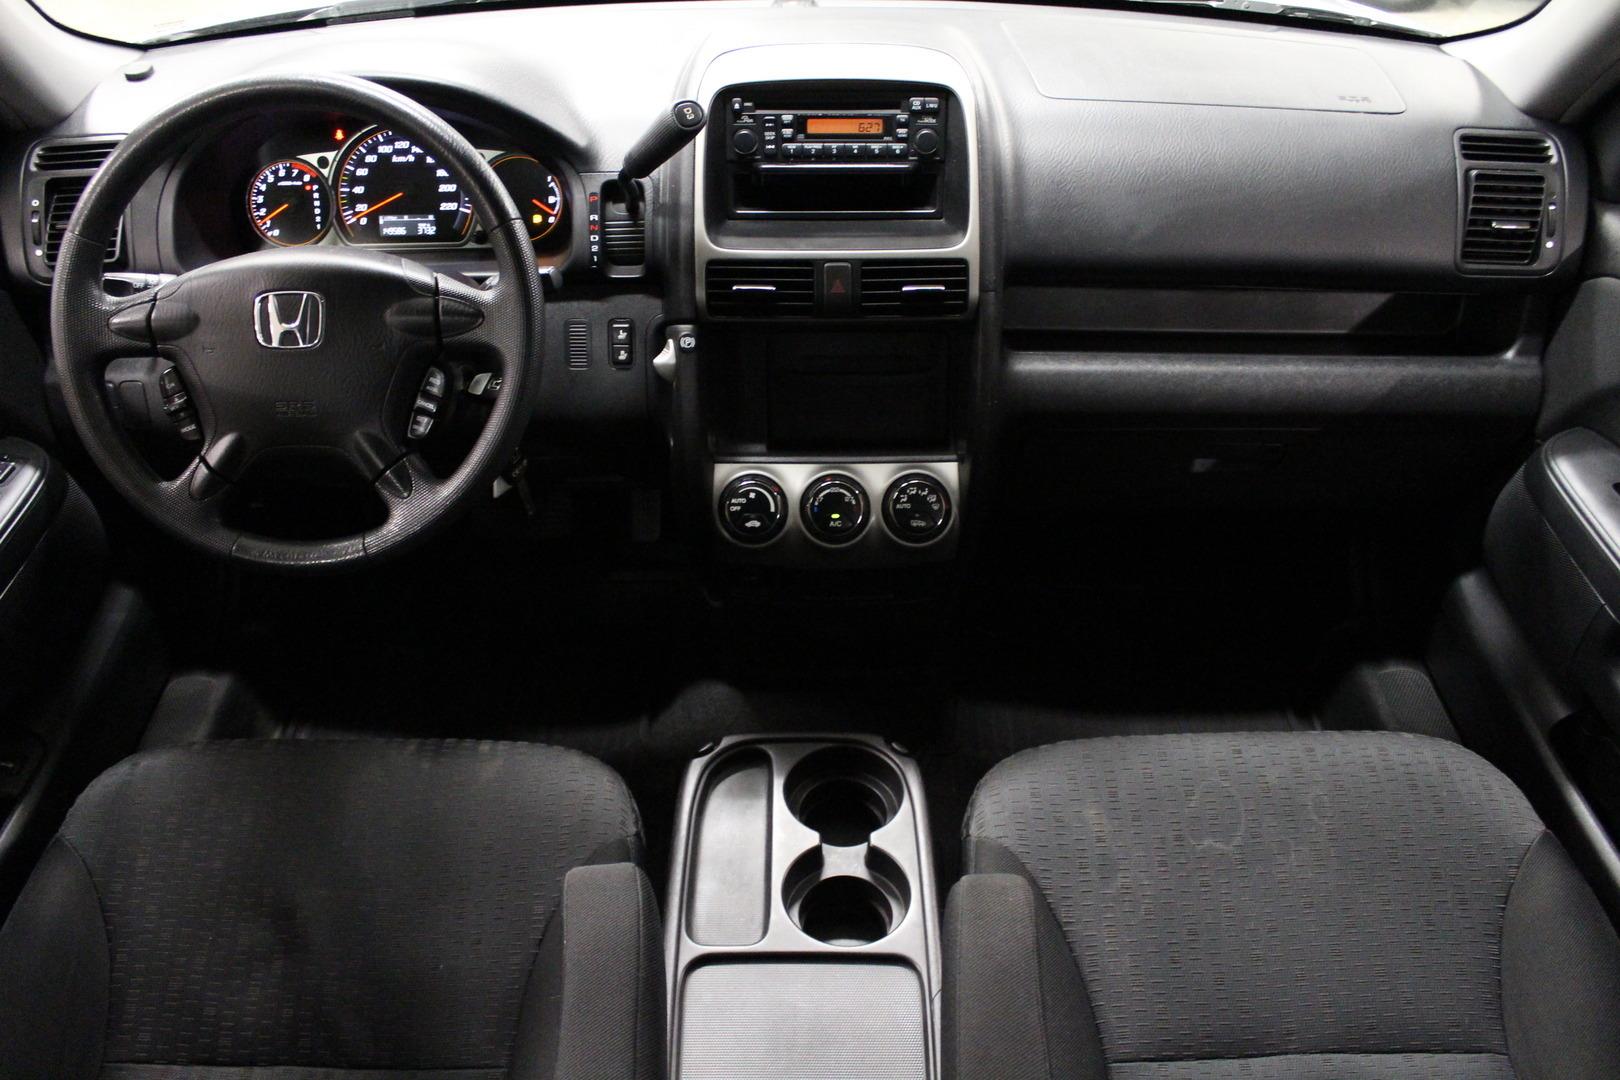 Honda CR-V, 2.0 Automaatti #2-Omisteinen #Ruostesuojattu #Huippuhyvin pidetty